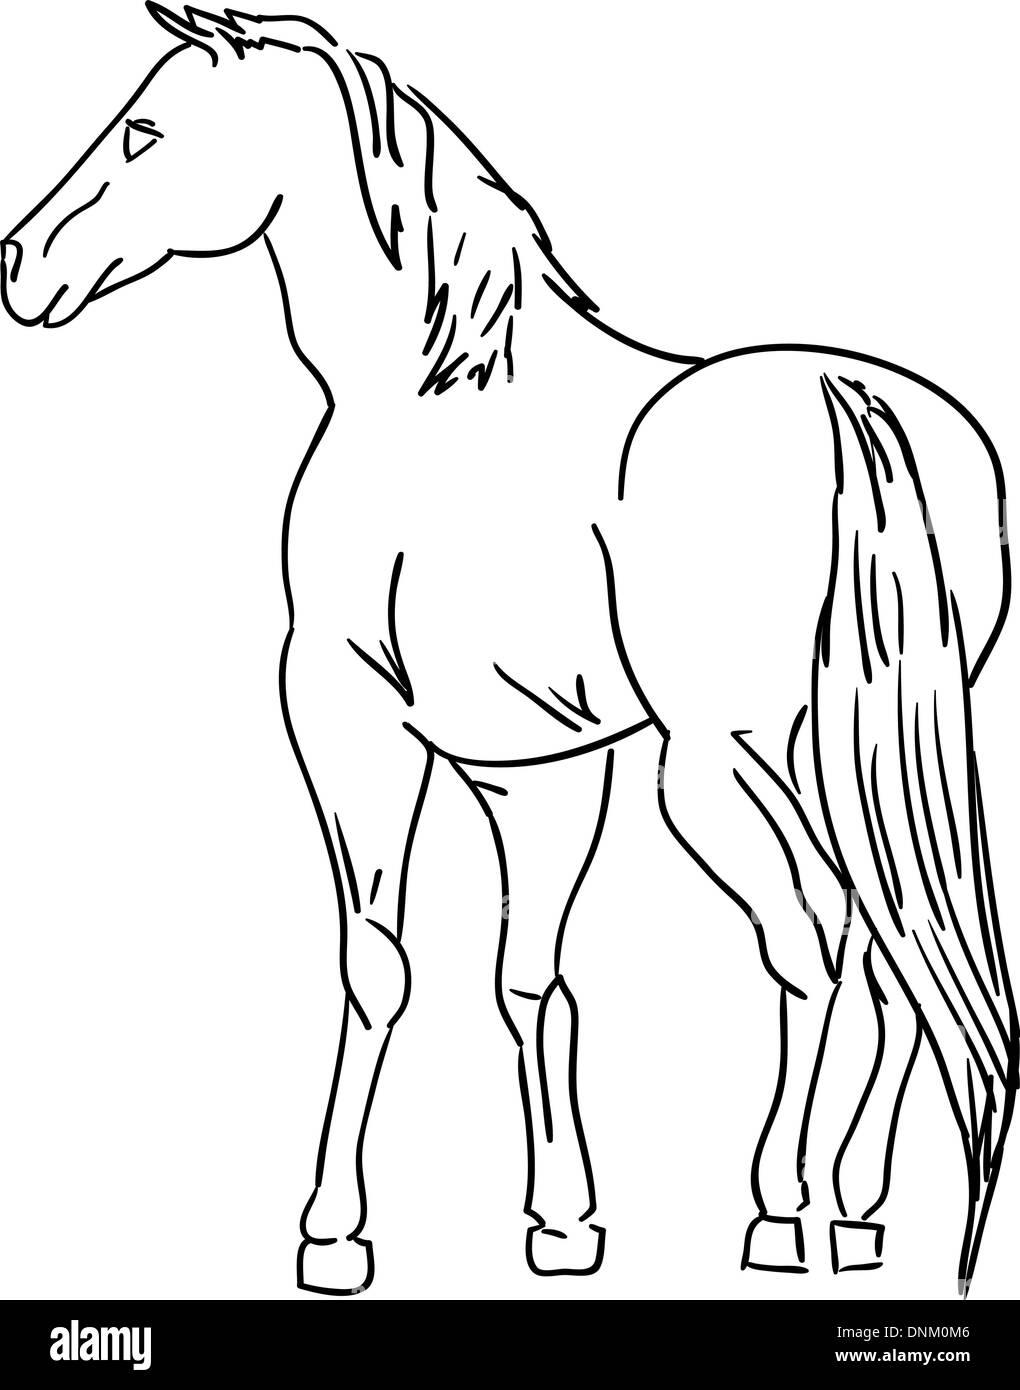 Version vectorisée. Silhouette cheval noir isolé sur blanc pour la conception. Photo Stock